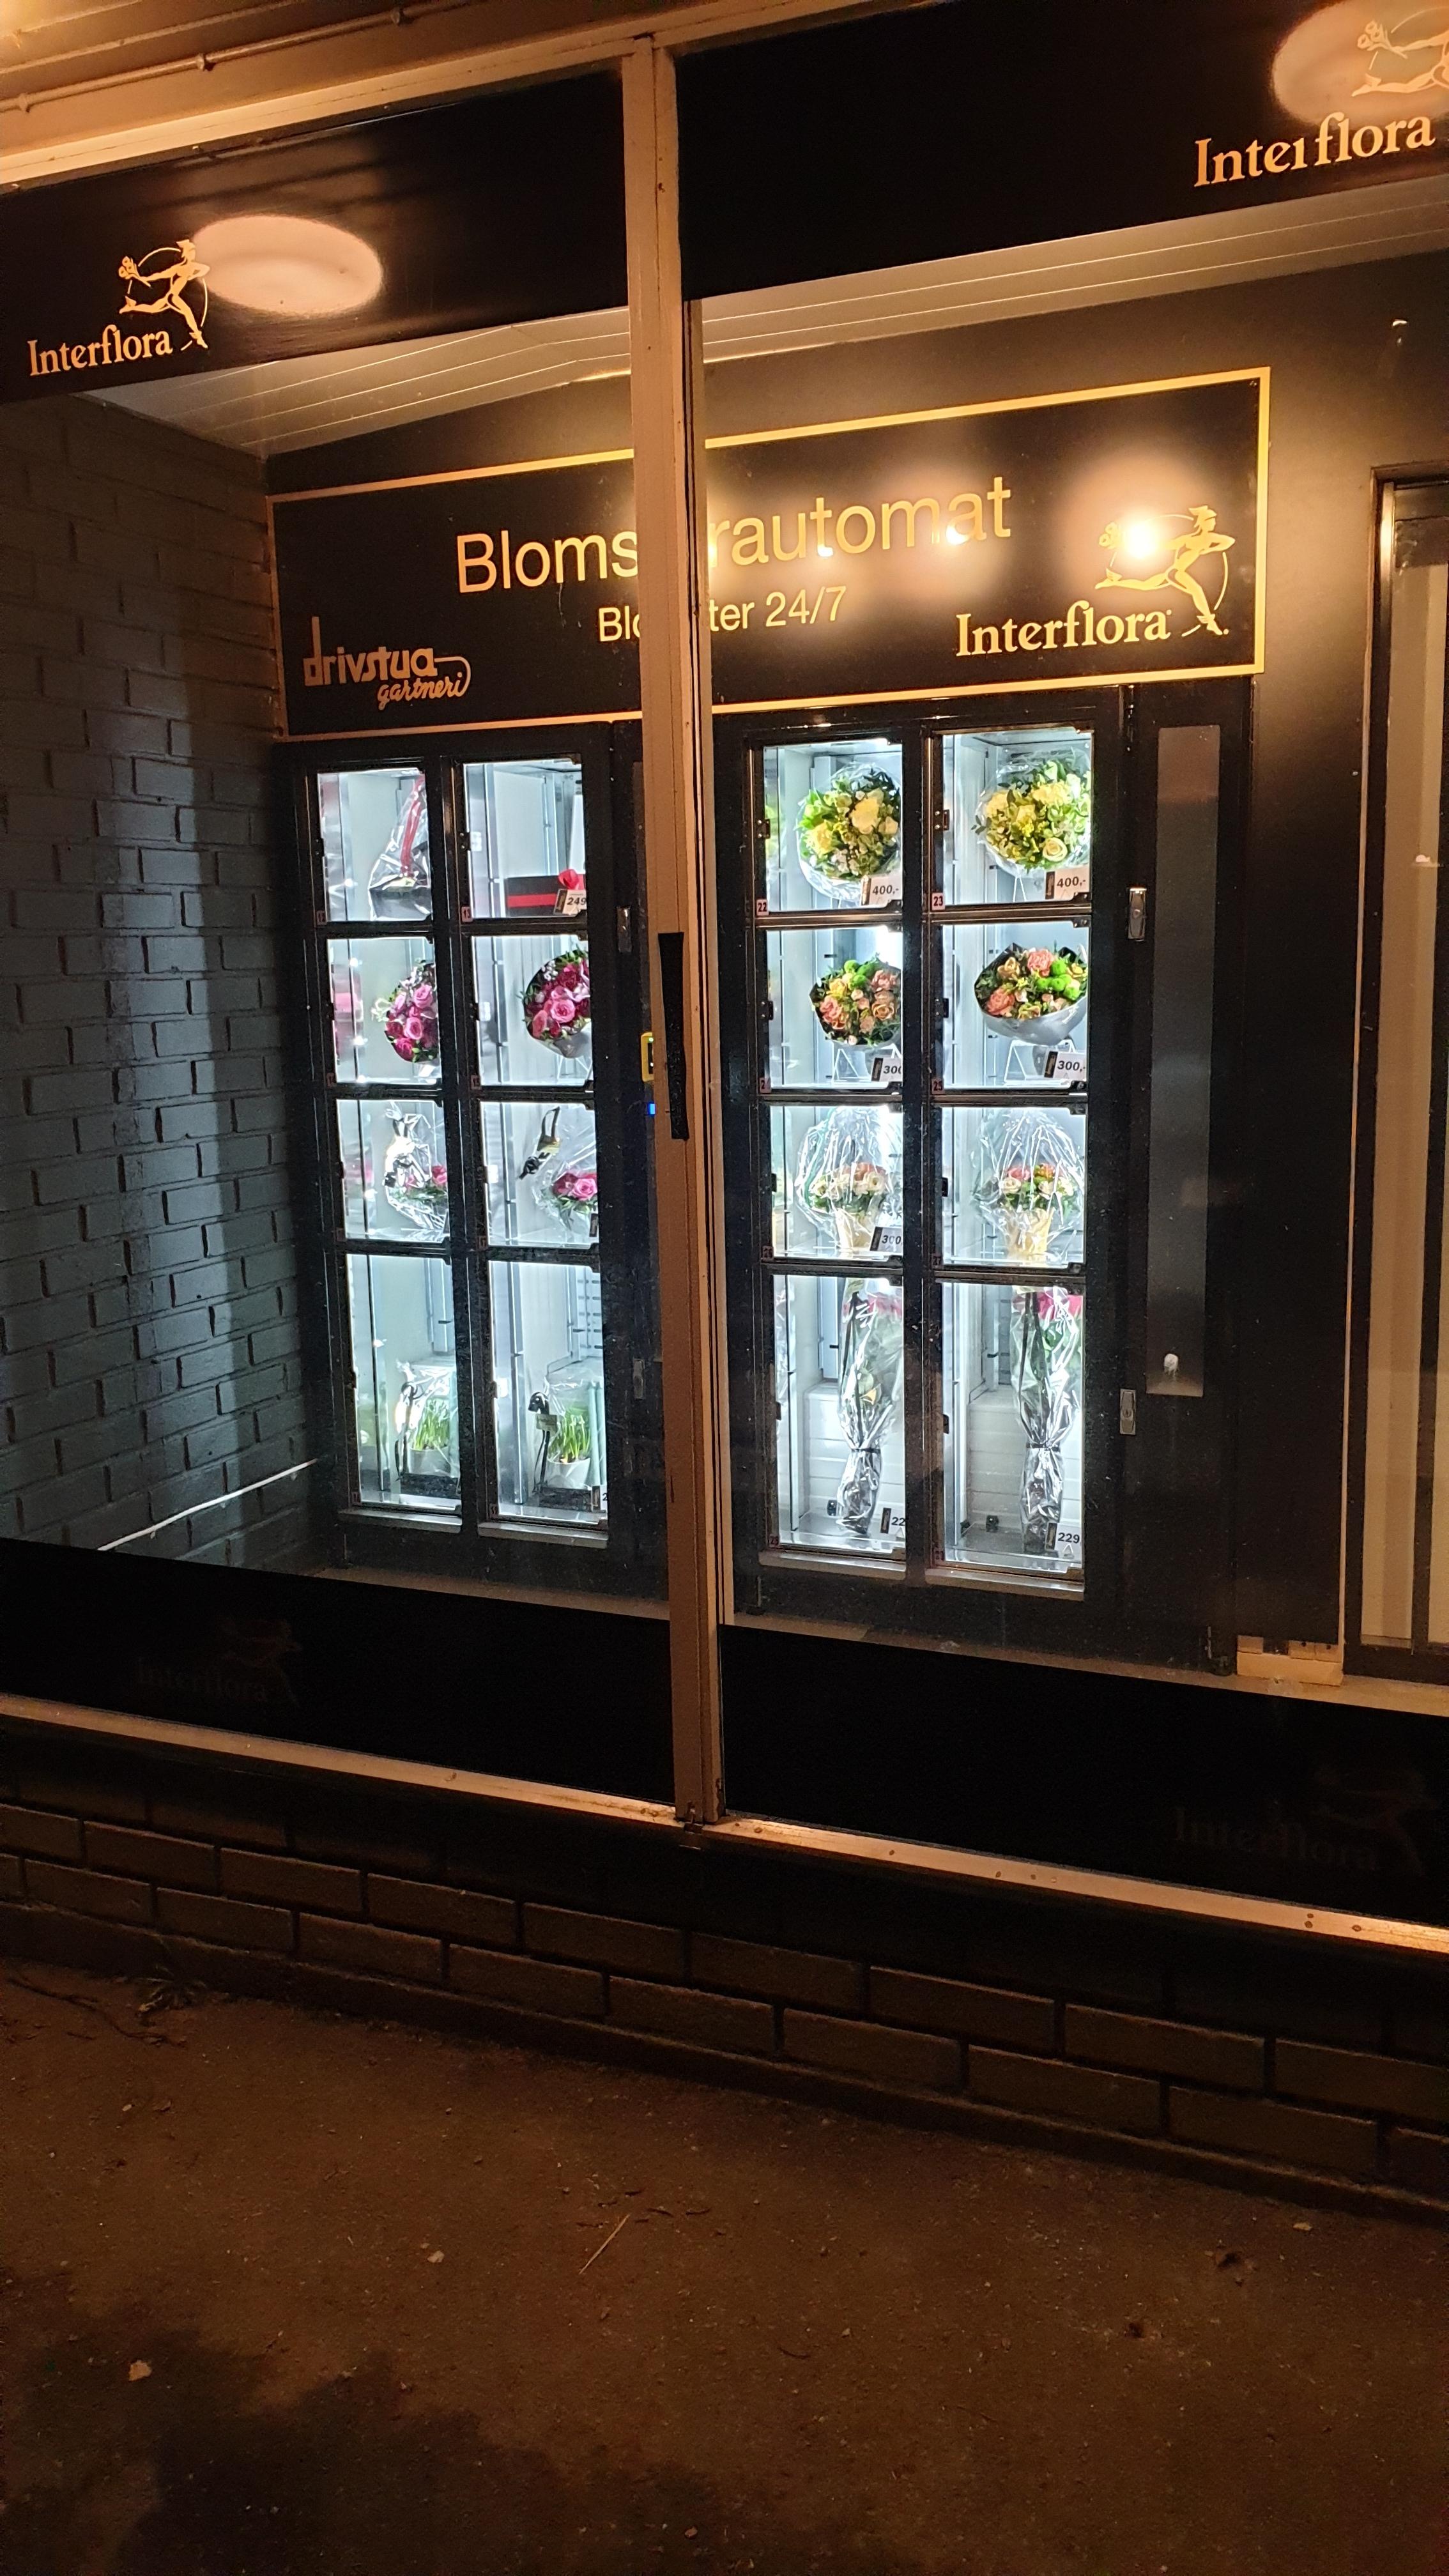 Blomsterautomat